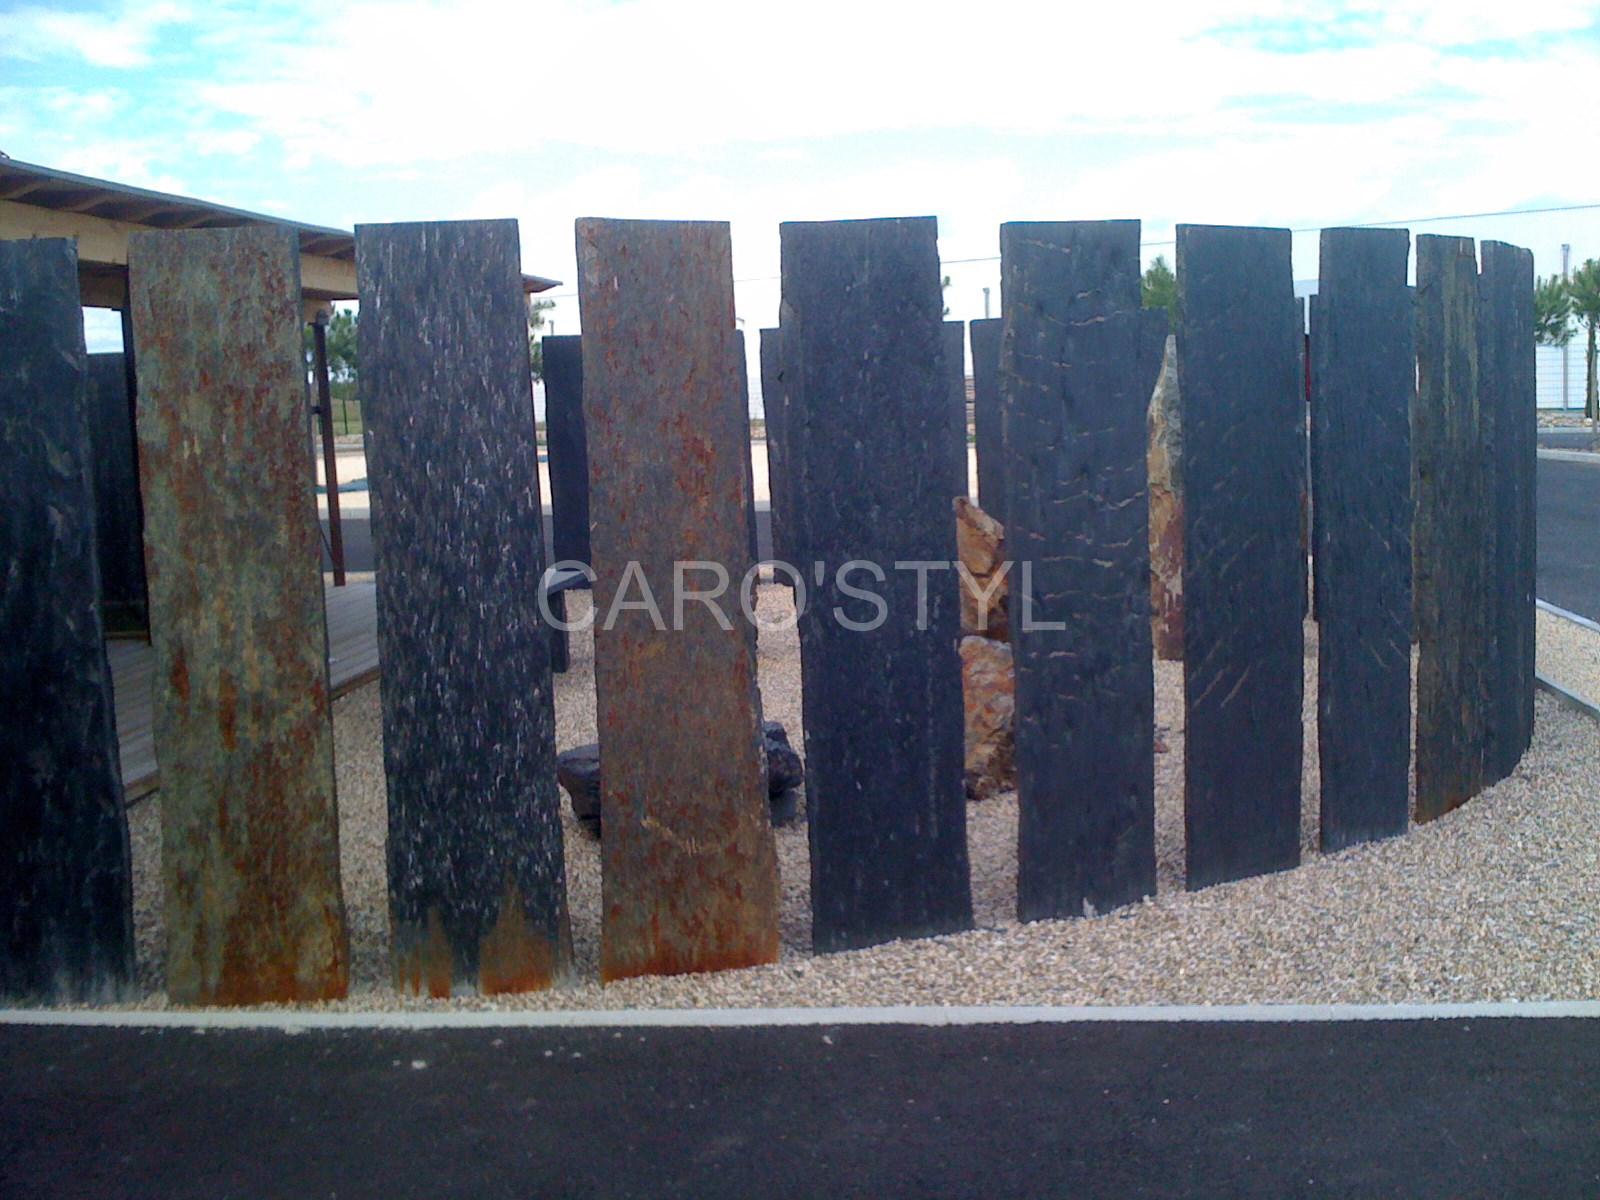 Brise vue de jardin en ardoise noire magasin de carrelage pierre naturelle salle de bain var - Vue de jardin ...